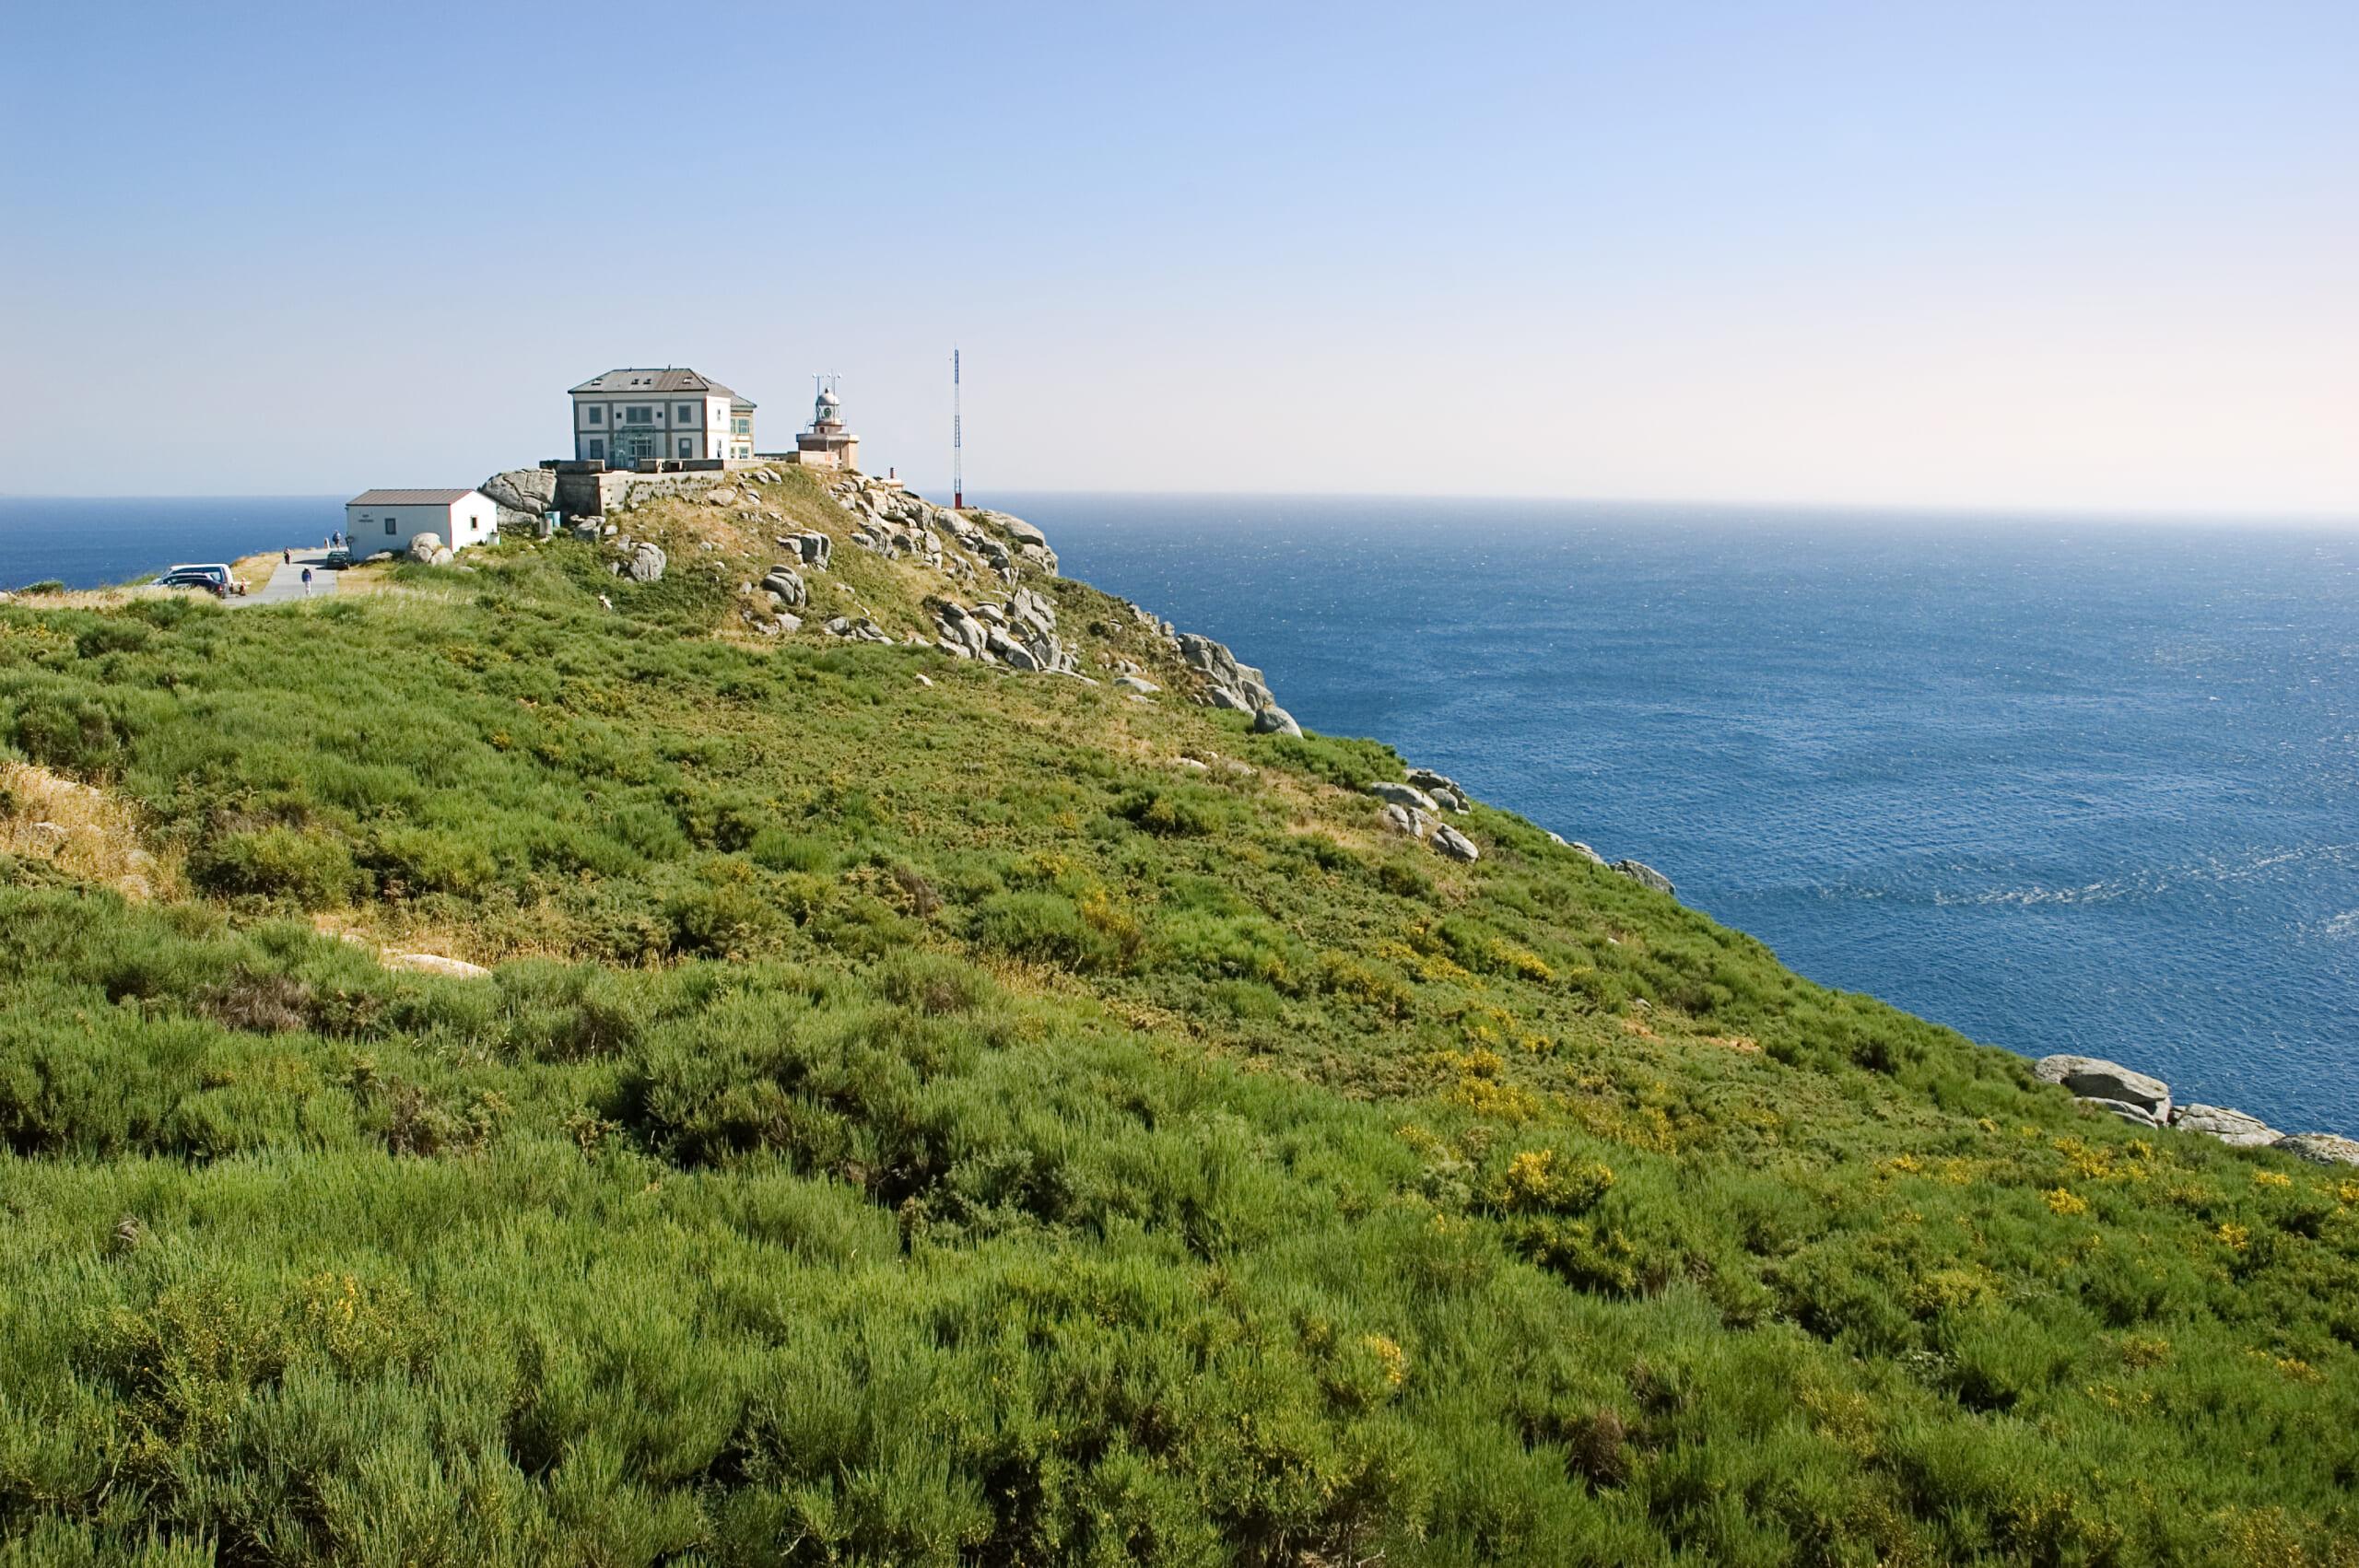 北スペインのサンティアゴ巡礼路の0㎞道標があるフィステラ岬